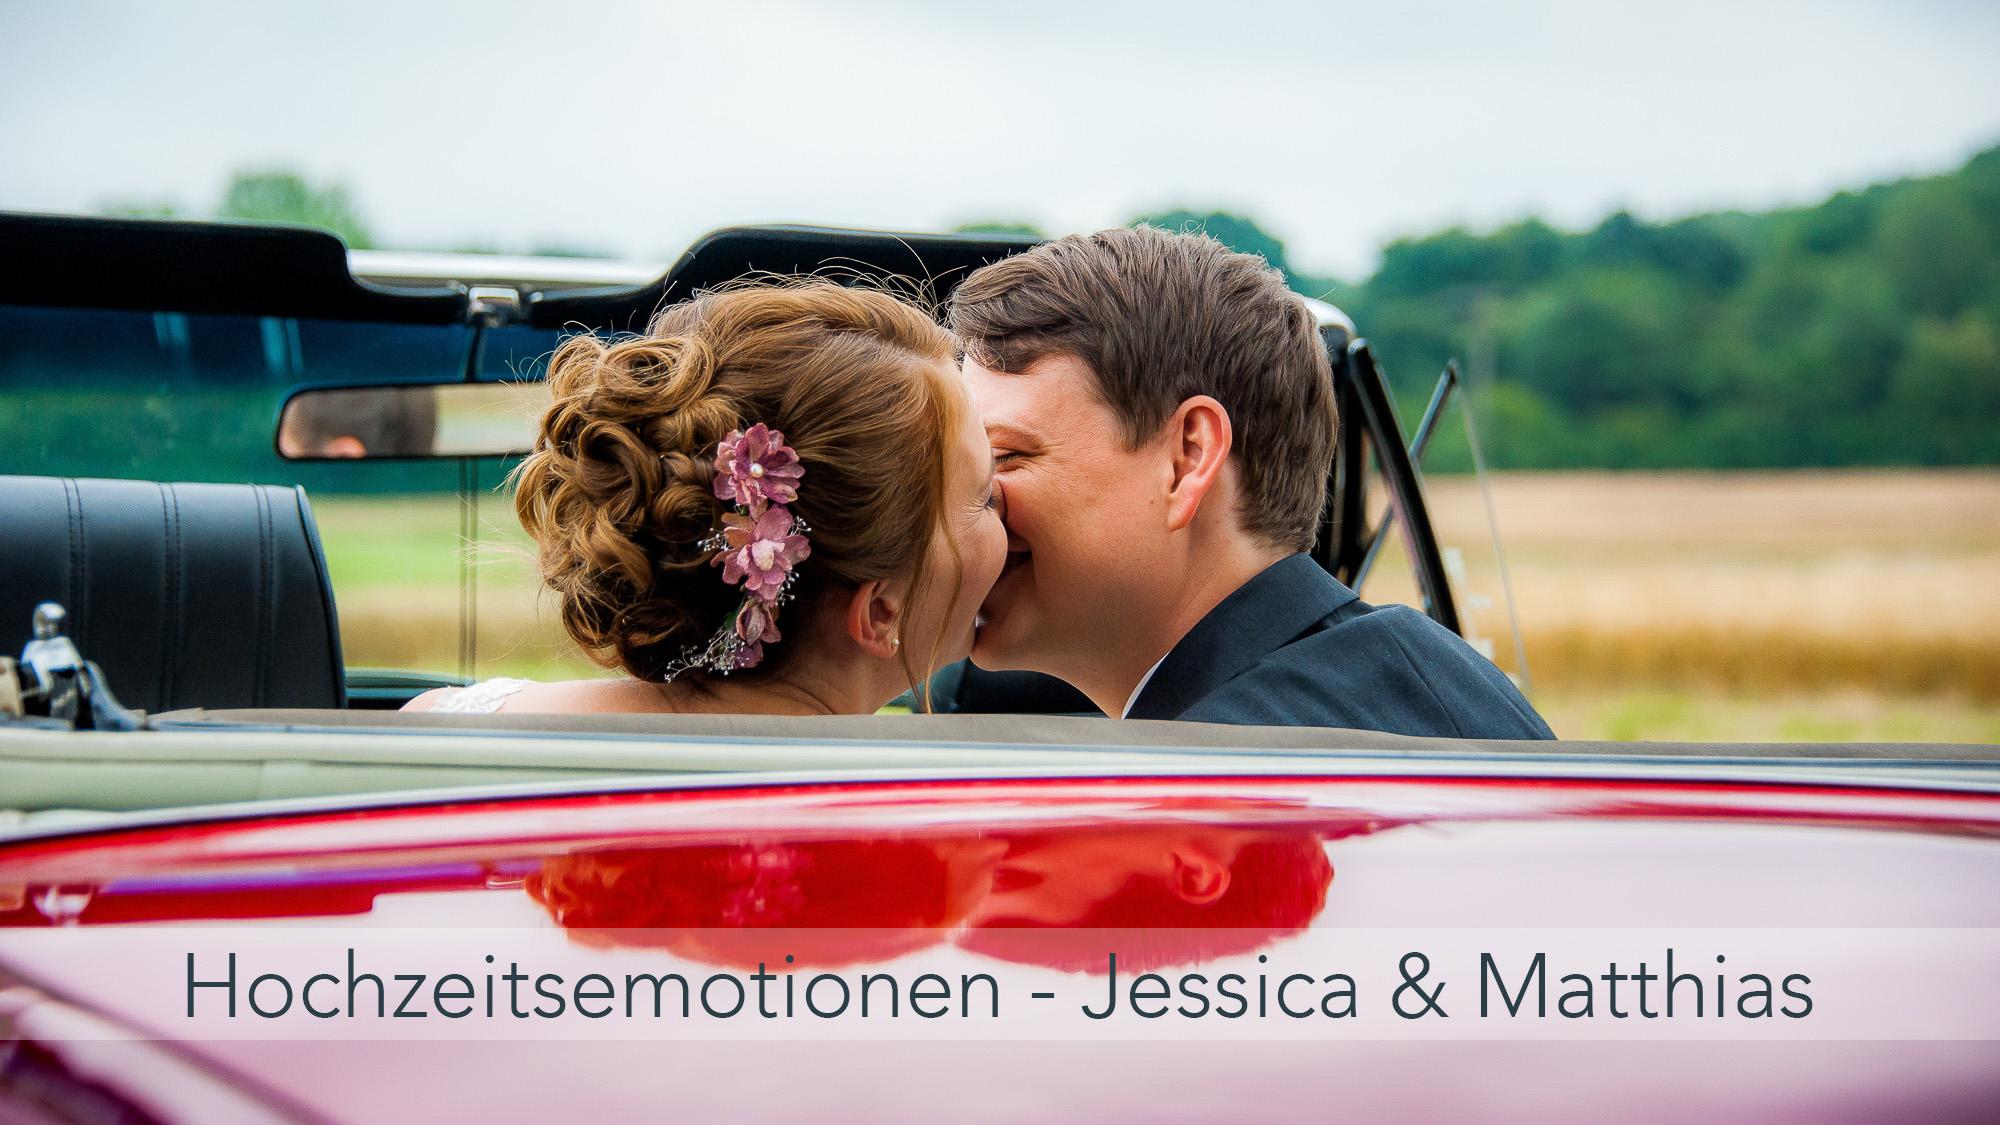 Mit Jessica und Matthias echte Hochzeitsemotionen im Taunus erleben